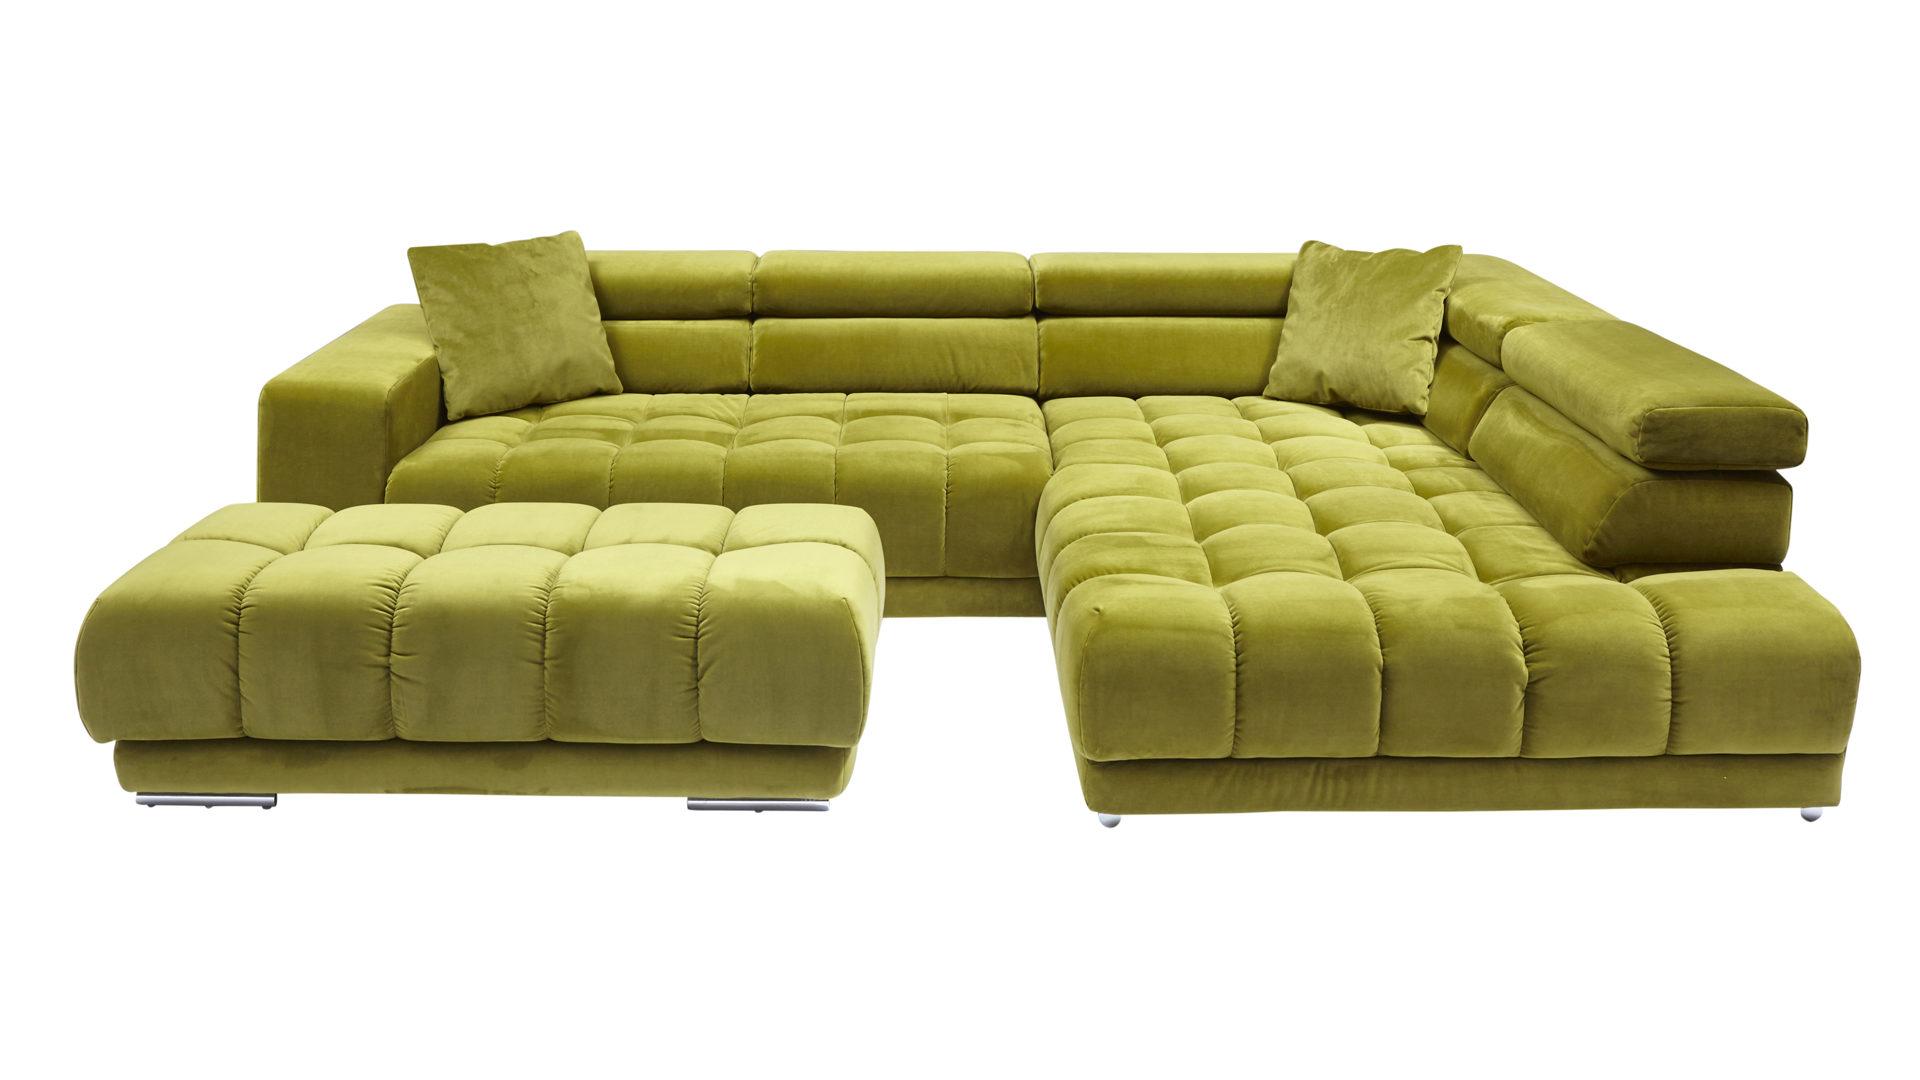 Lounge ecksofa  Wohnland Breitwieser | Sofas & Couches | Lounge- Eckgarnitur ...